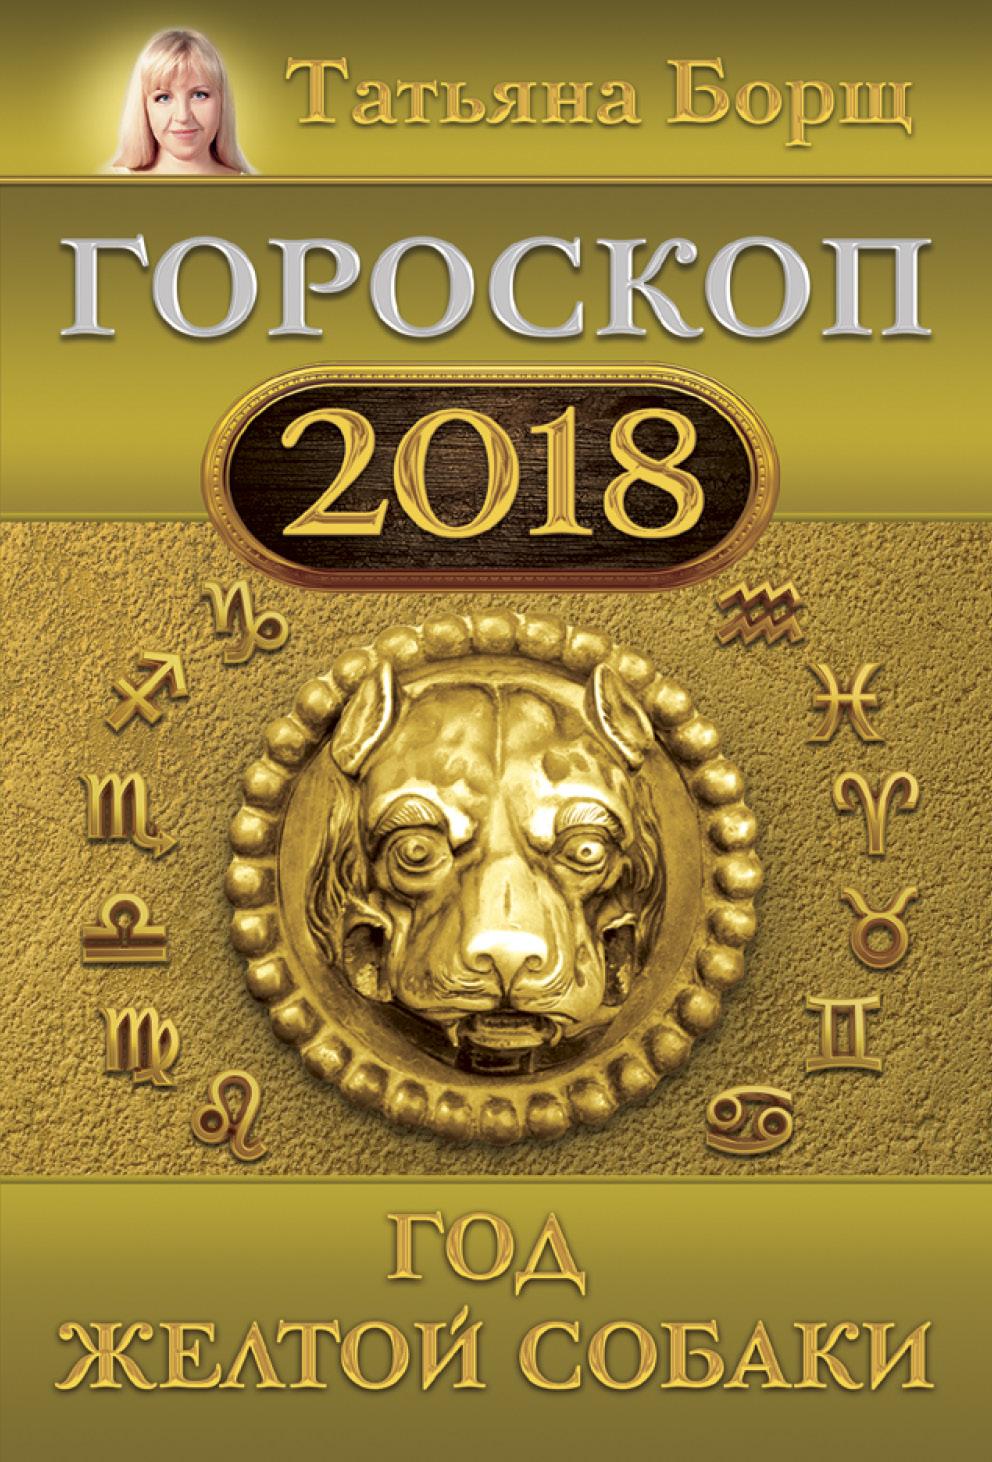 Борщ Татьяна Гороскоп на 2018: год Желтой Собаки татьяна борщ год желтой собаки гороскоп на 2018